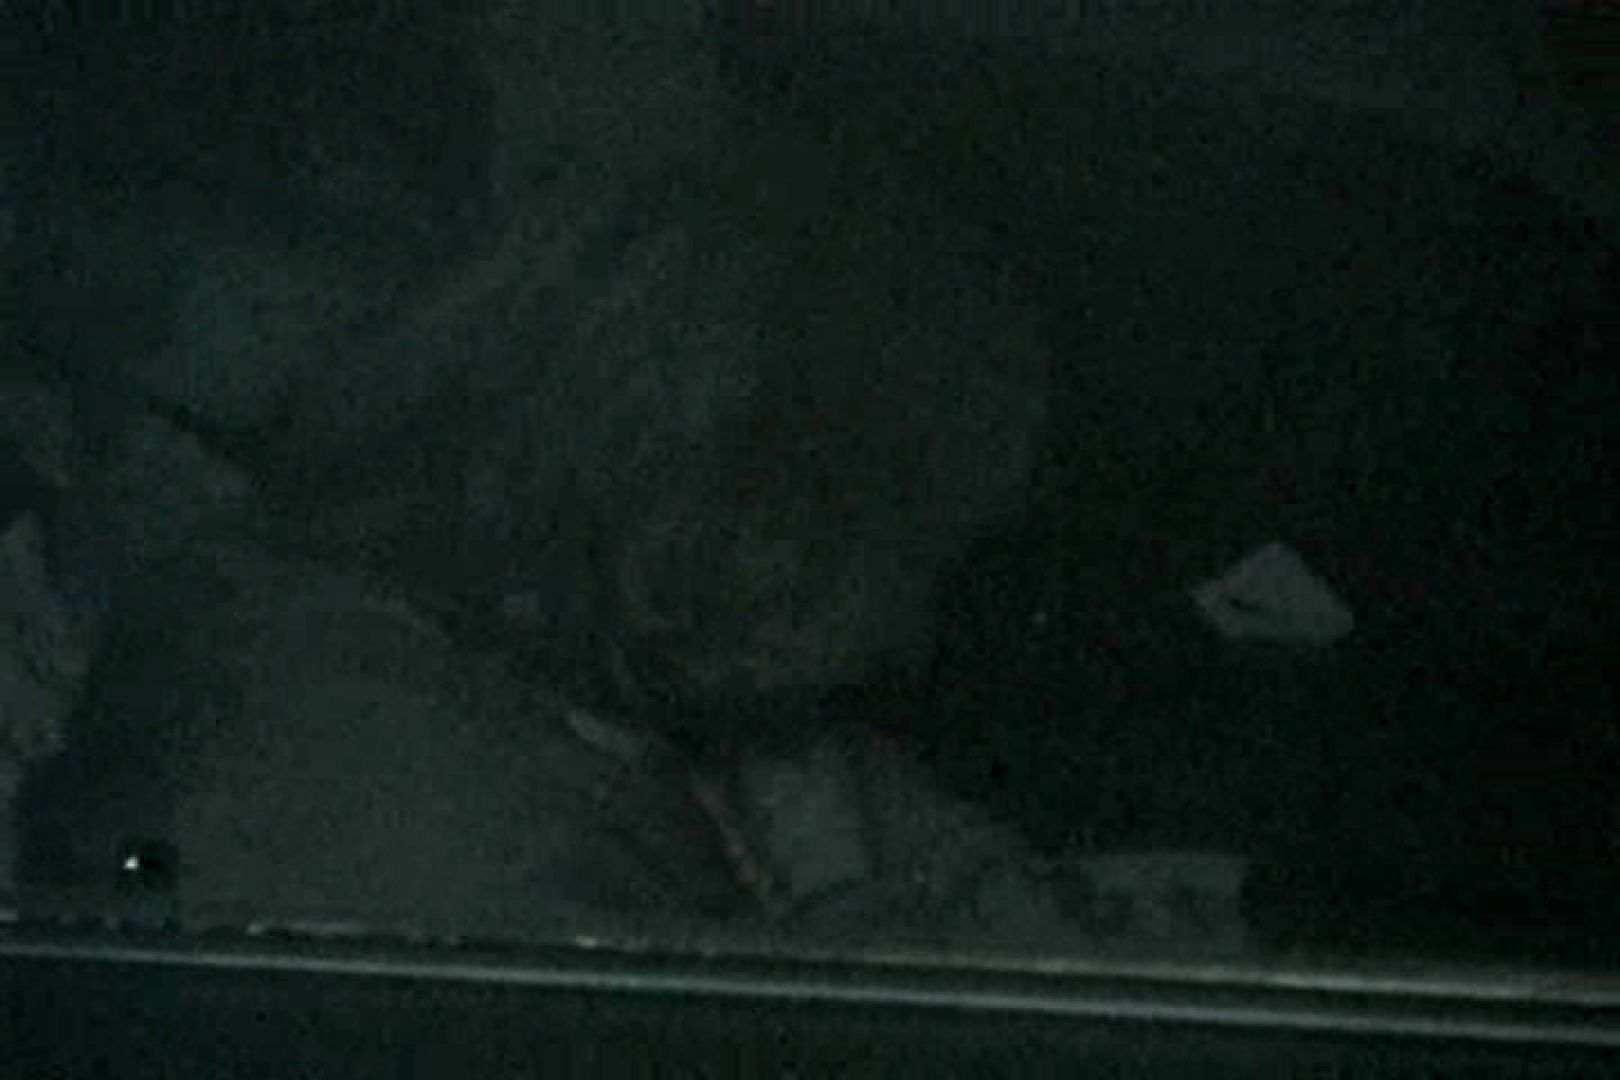 充血監督の深夜の運動会Vol.131 車中はめどり AV動画キャプチャ 93画像 78